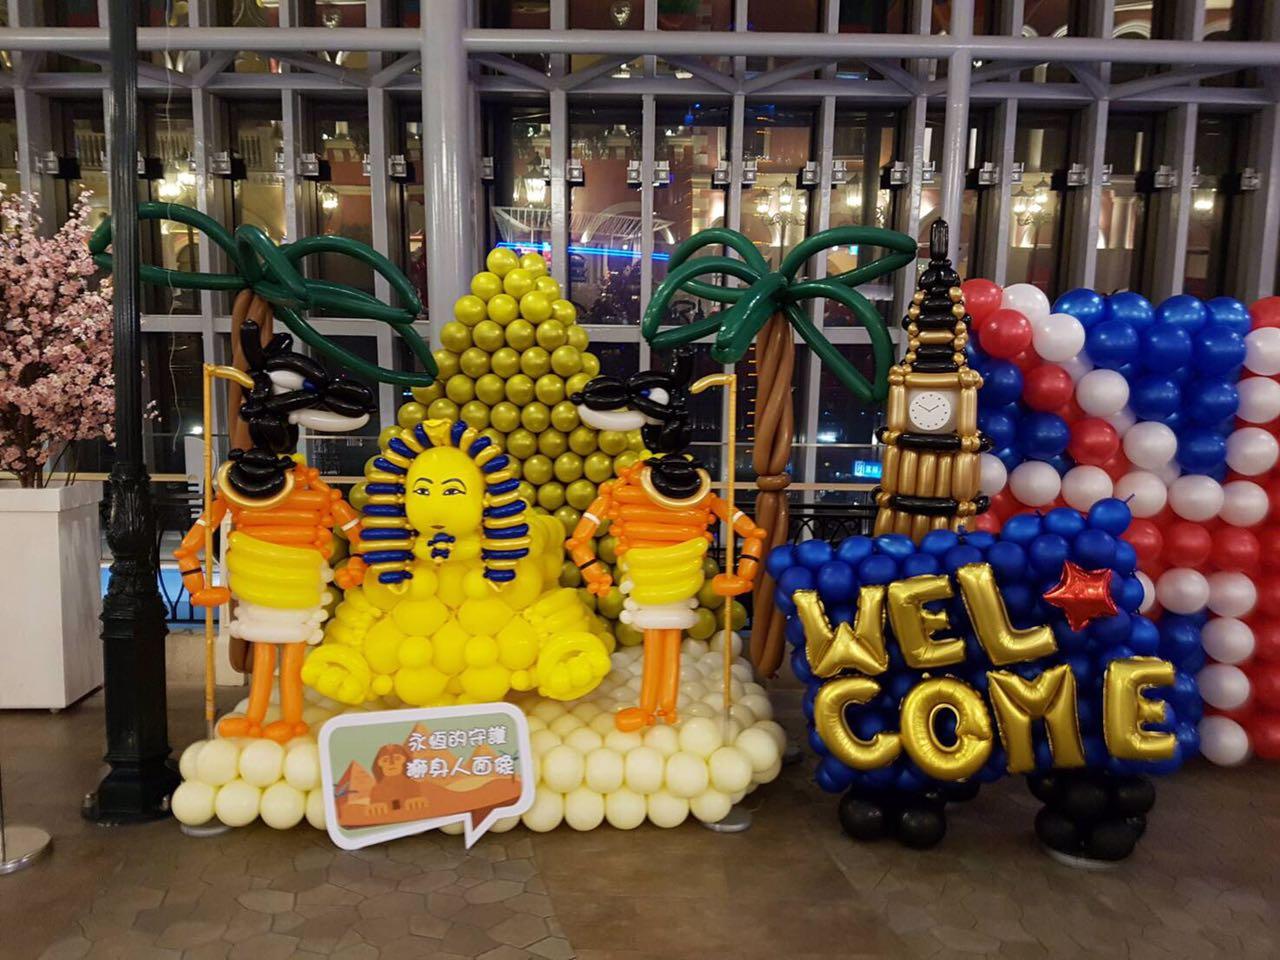 Around the World Theme Balloon Exhibit Egypt Pyramid